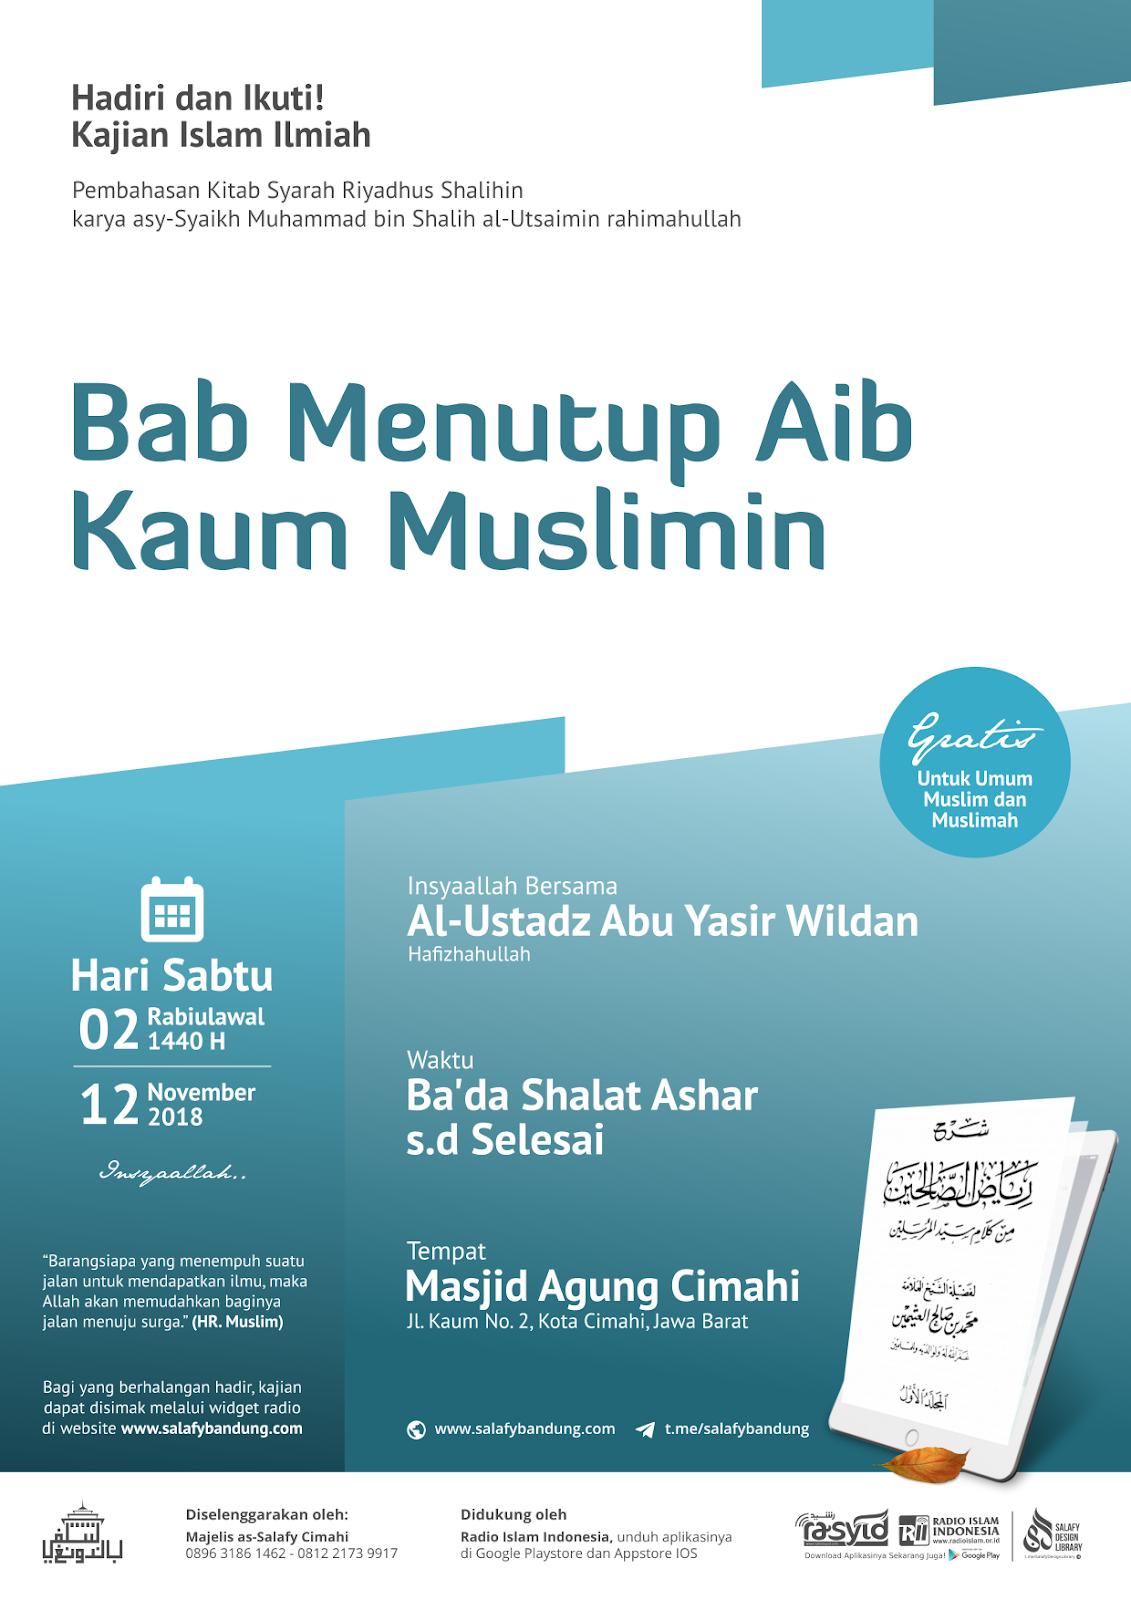 Audio Kajian Kitab Riyadhus Shalihin: Bab Menutup Aib Kaum Muslimin